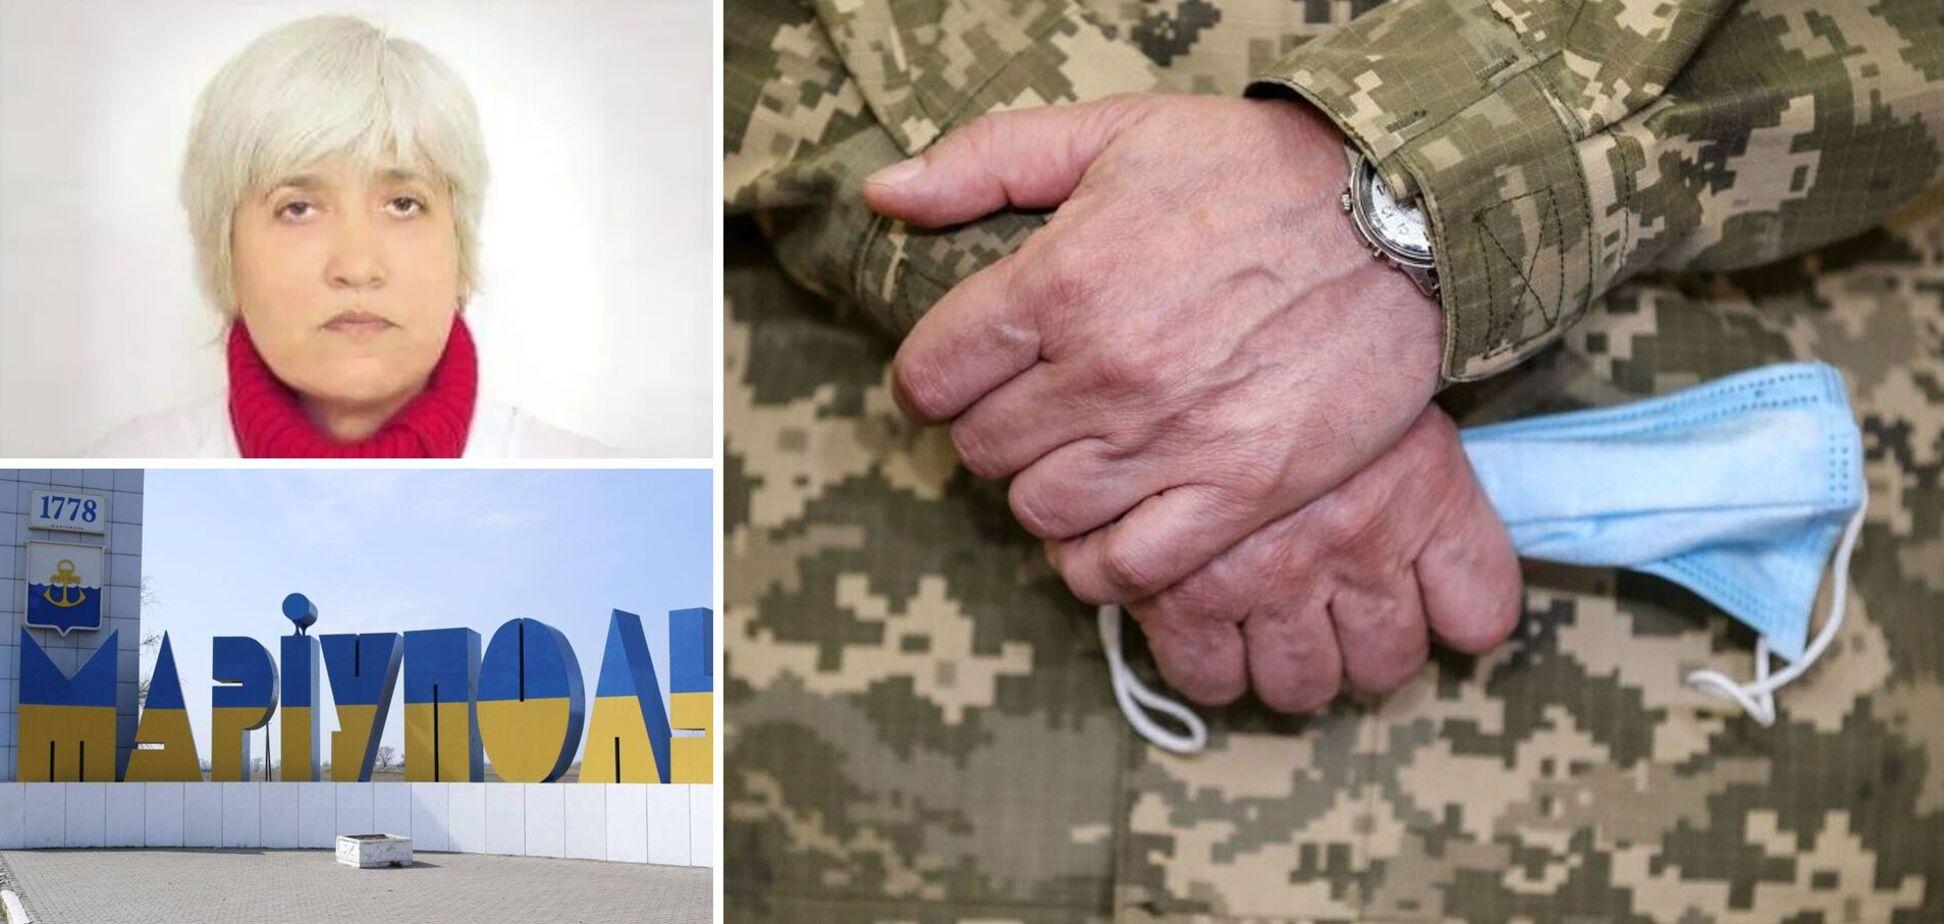 В Мариуполе пытаются замять скандал с врачом, который назвал украинского военного убийцей: новые детали